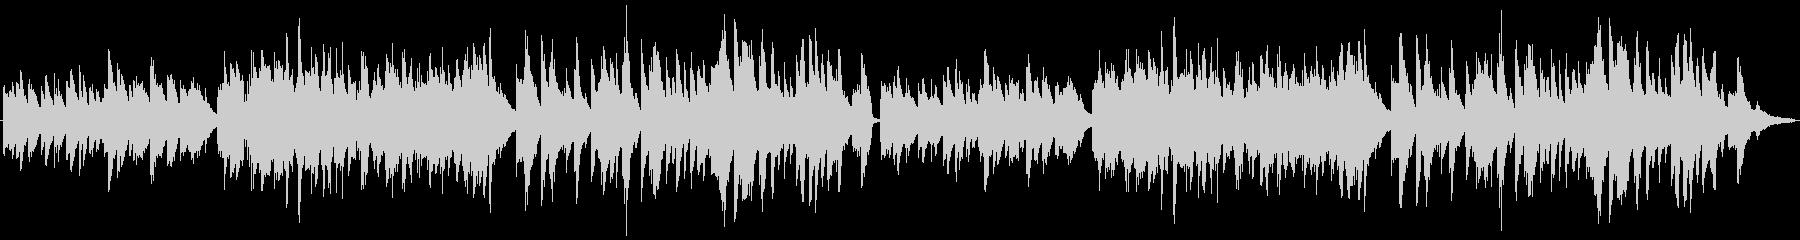 優しいメロディのバラード ピアノの未再生の波形